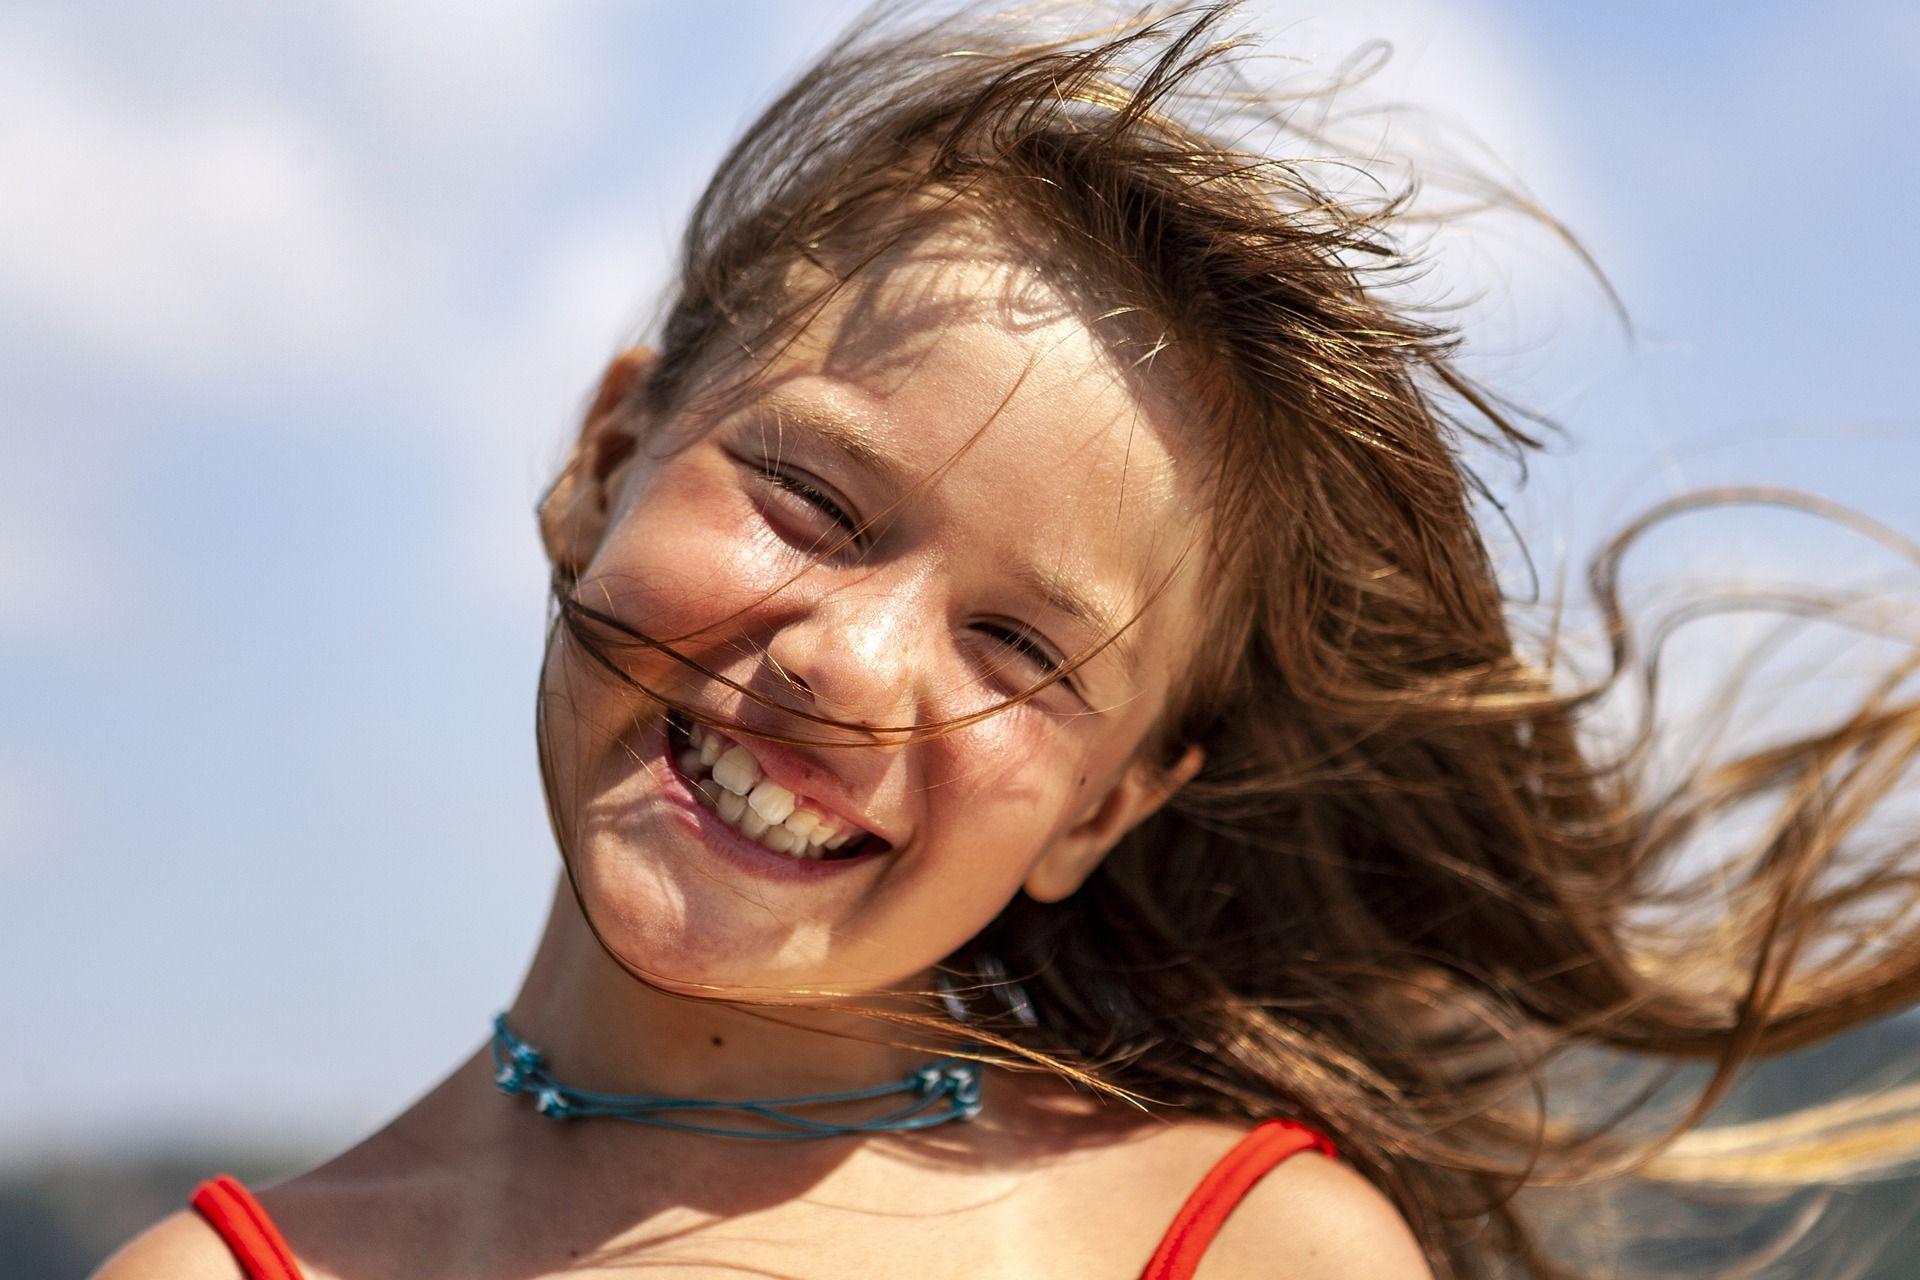 niña sonriendo antes de hacer un tratamiento de ortodoncia infantil. Cuando poner aparatos en niños? empezar ortodoncia?